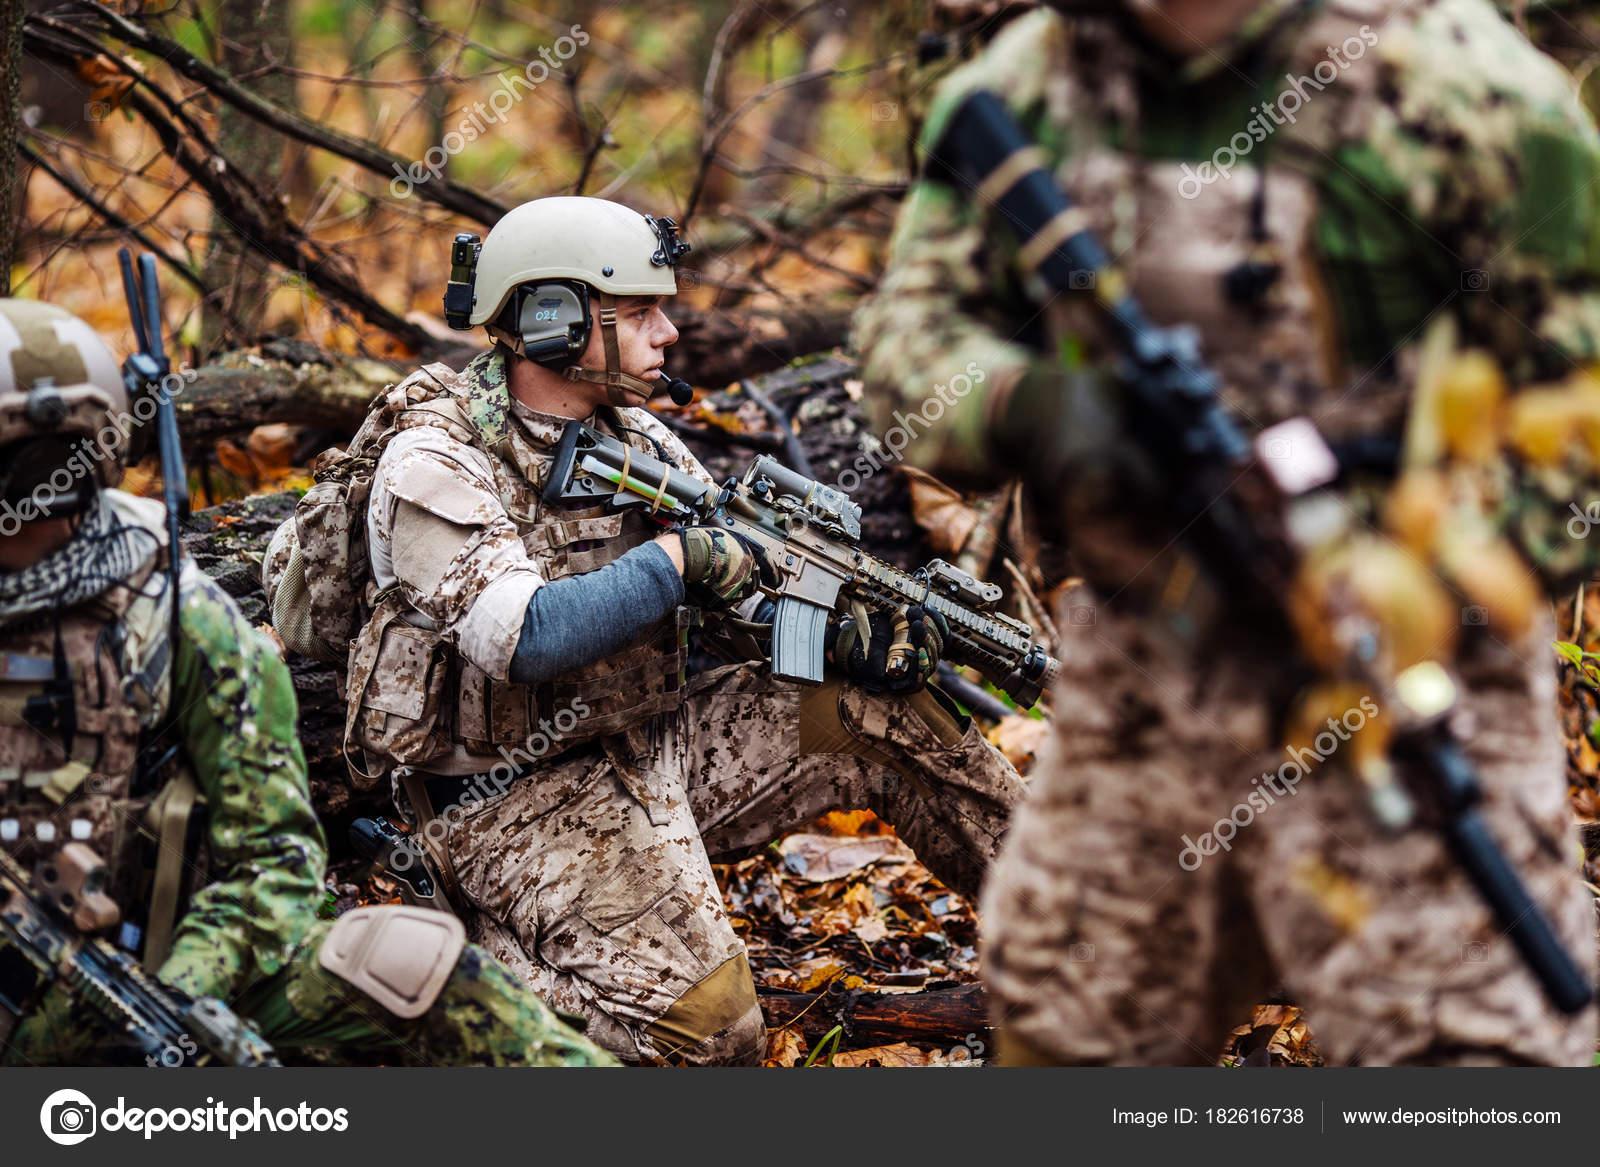 フル装備でライフルを持った兵士。背景に軍人 — ストック写真